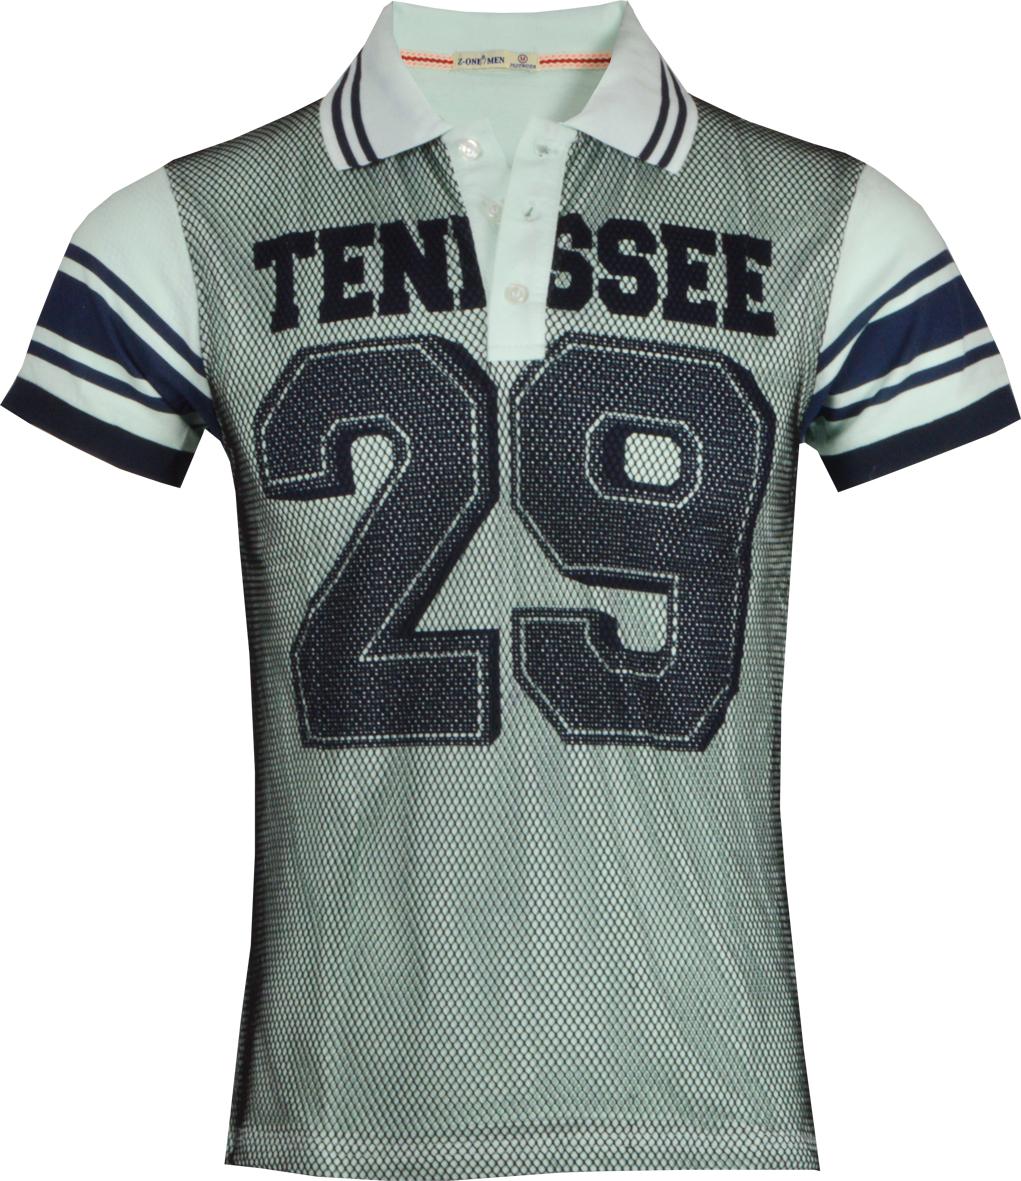 Ανδρικό Polo Tenessee -Βεραμάν αρχική ανδρικά ρούχα polo